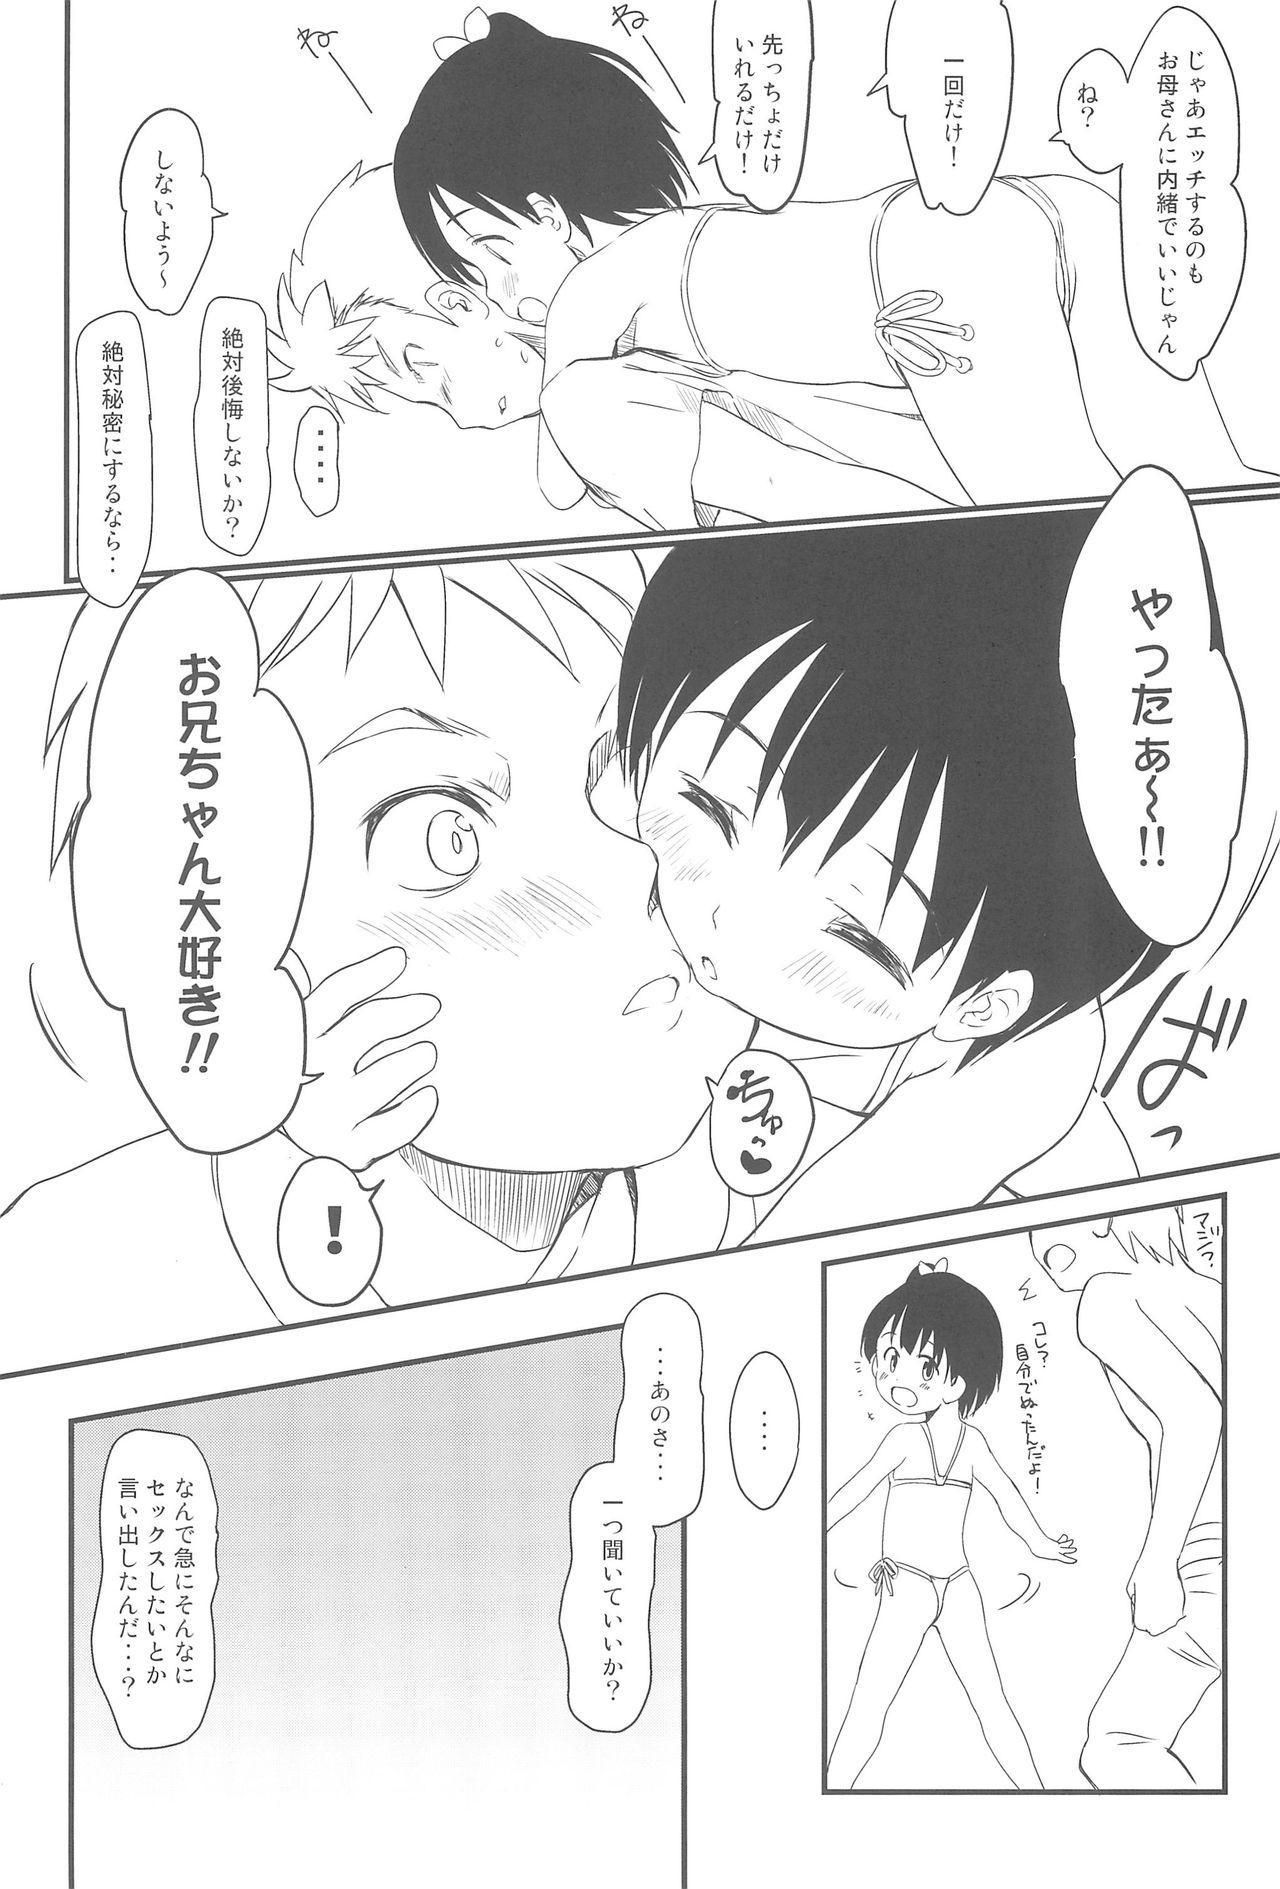 Imouto wa Minna Onii-chan ga Suki! 5 13